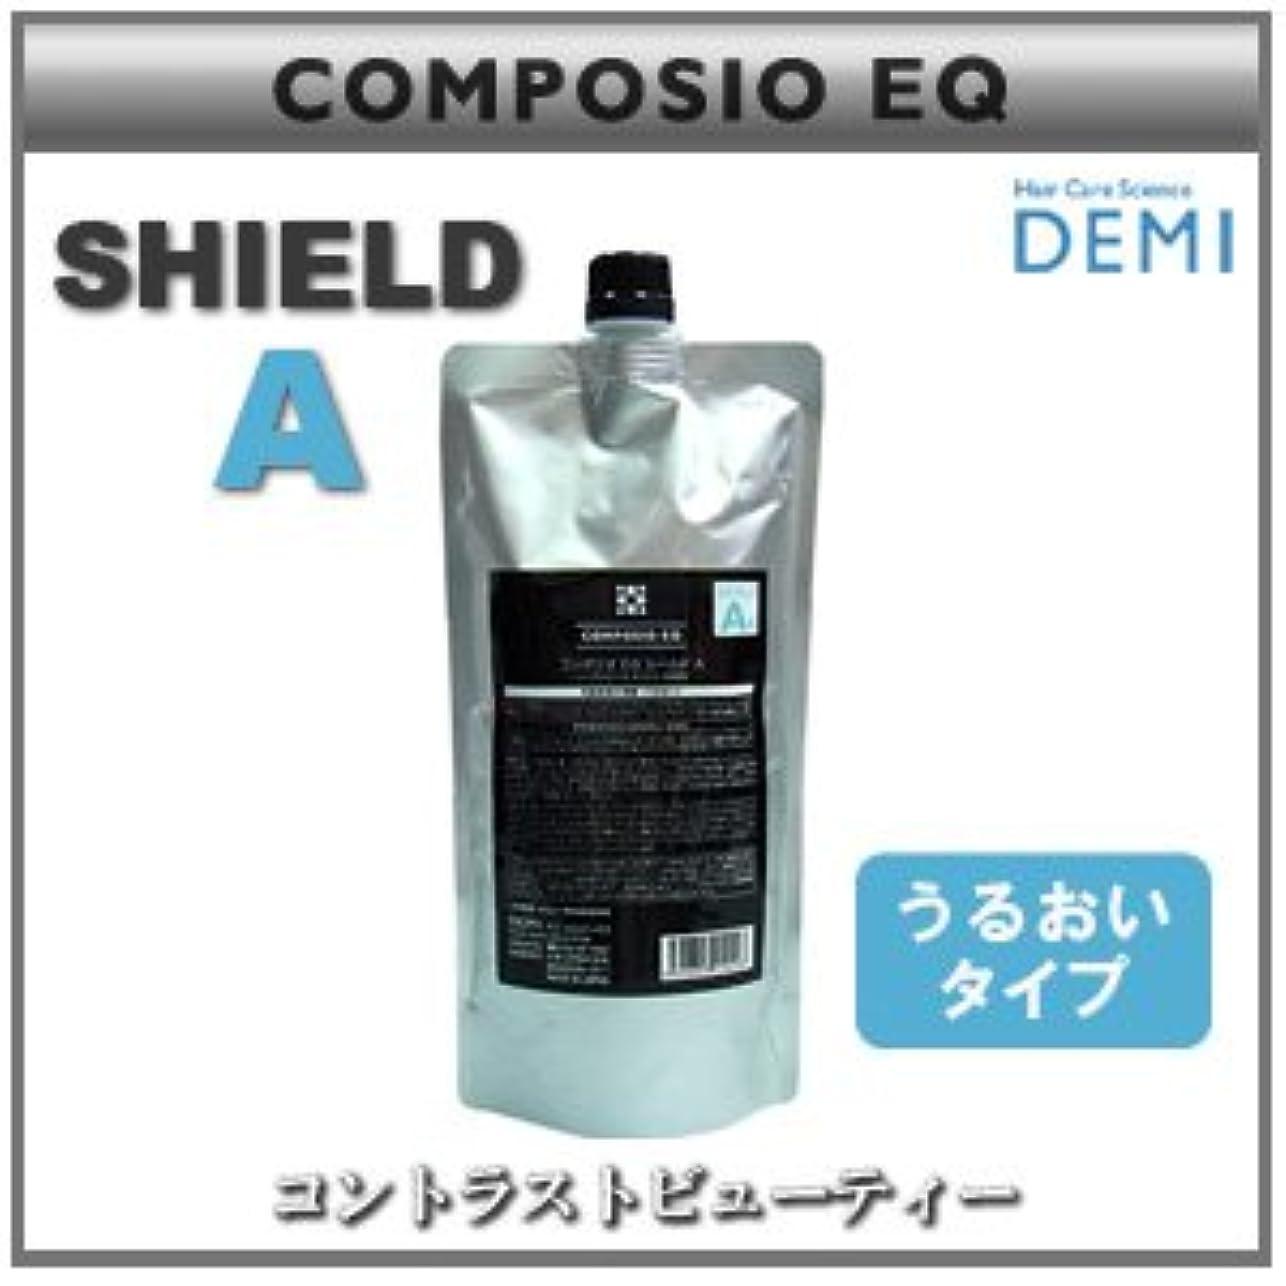 ドレイン夏カジュアル【x3個セット】 デミ コンポジオ EQ シールド A 450g